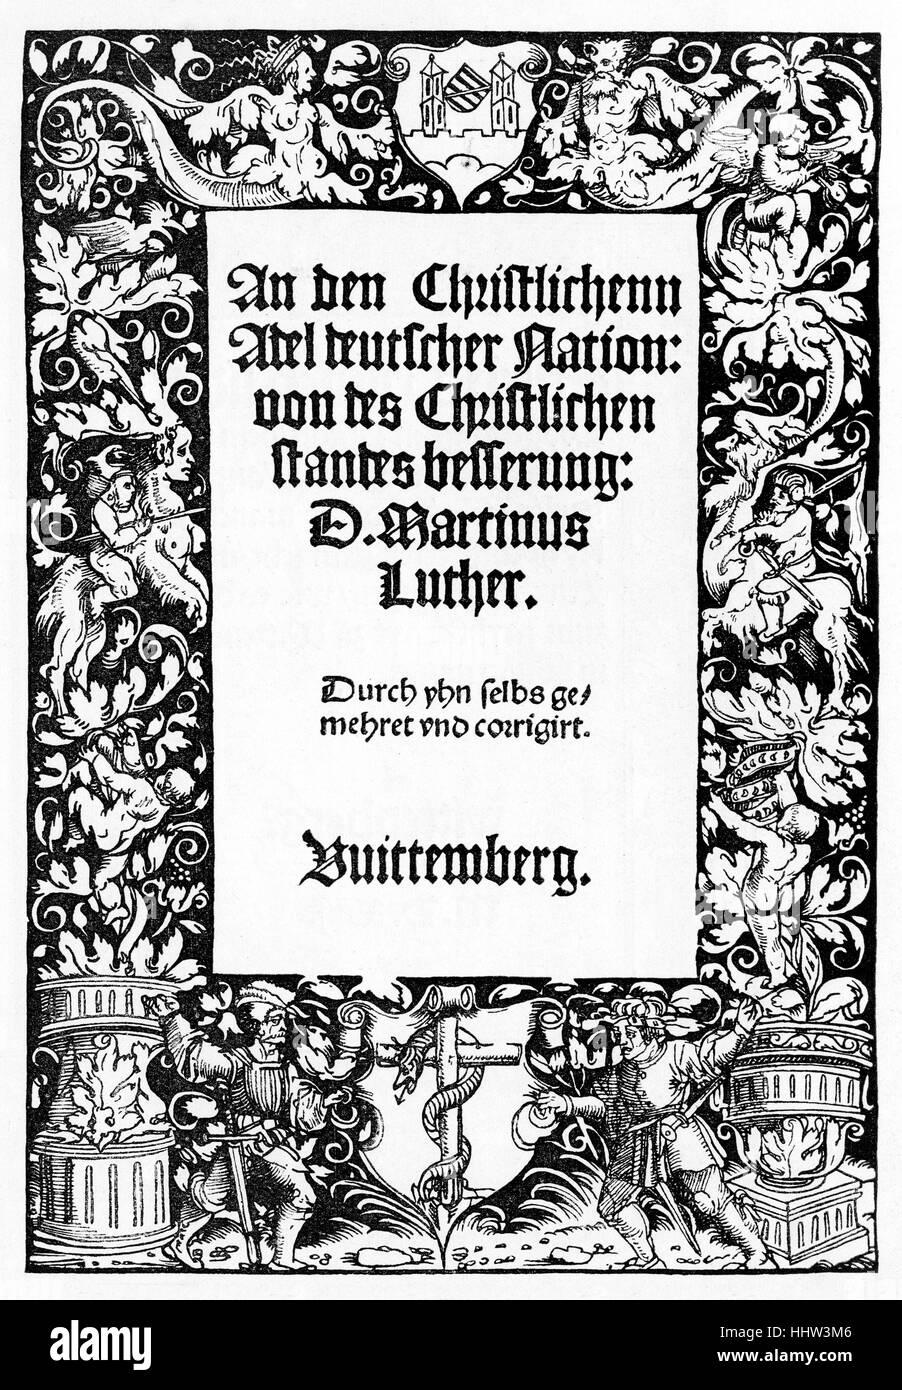 Per il cristiano la nobiltà della Nazione Tedesca, tratto da Martin Lutero (10 novembre 1483 - 18 febbraio Immagini Stock